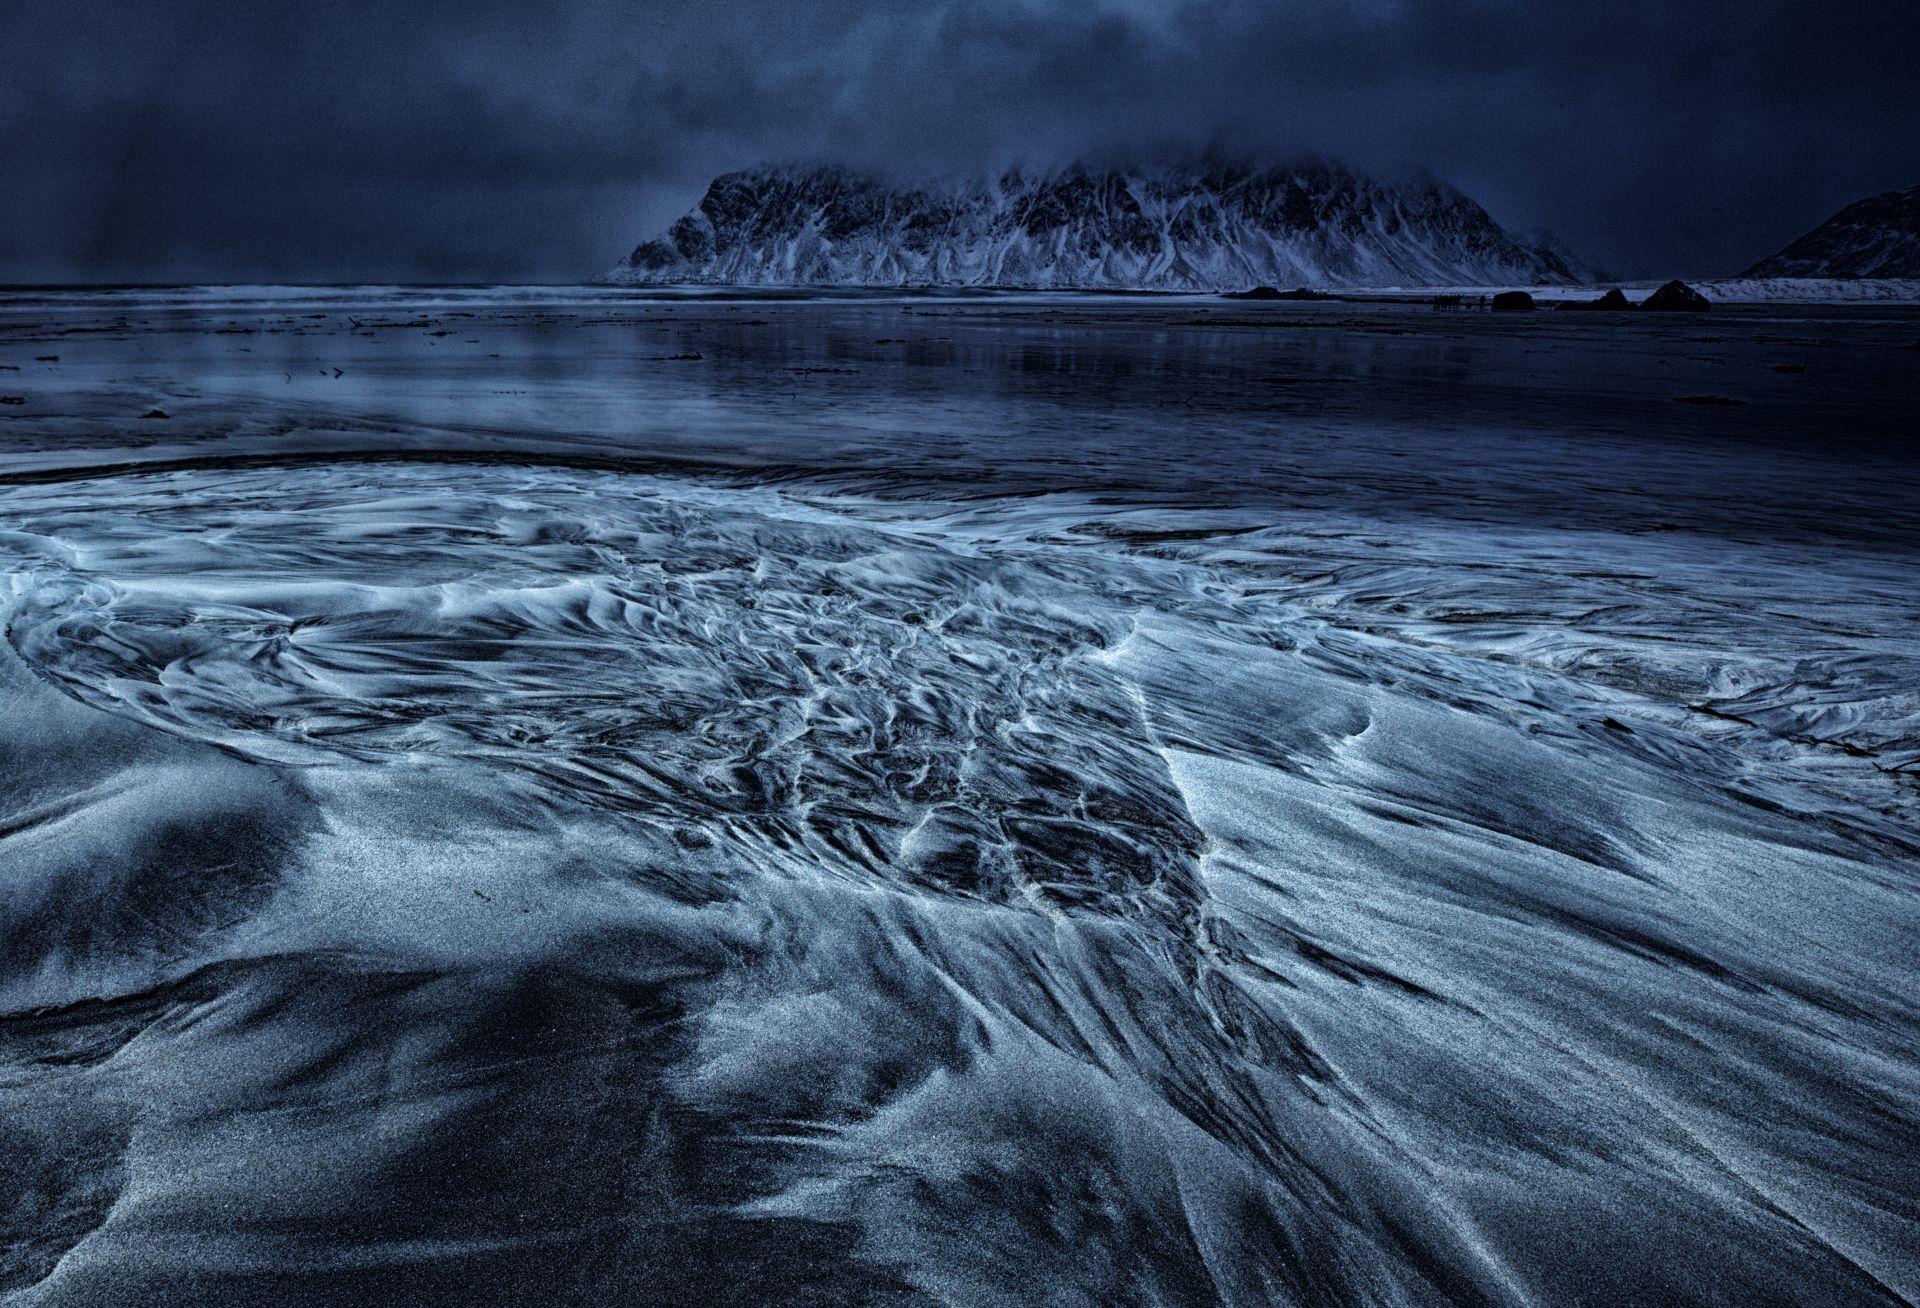 Fotó: Szabó Irma: Egy felhős nap<br />Az idén télen én is eljutottam Lofotenre, a saját szervezésemben. Tudom, sok fotós jár ide, de úgy gondolom ez a pillanat megismételhetetlen. A táj csodás, a sok apró sziget, a változó időjárás, a sarki fény, lenyűgözött. Mindegy, hogy milyen idő volt, esett, hóvihar volt, vagy jó hideg – mi reggeltől estig kint voltunk. Aznap igen felhős, borús idő volt, nem sok jóval kecsegtetett a természet. Nagyon tetszett, ahogy a szemközti hegyen megült a felhő. A hegy mintázata szinte olyan volt, mint előttem a homok, amit a dagály formázott. Gondoltam, milyen jól lehetne ezt a két formát kombinálni! Különböző beállításokkal és kompozícióval próbálkoztam. A komor hangulatot szerettem volna visszaadni. Remélem sikerült!<br /><br />Tájak<br />Dicséretre méltó